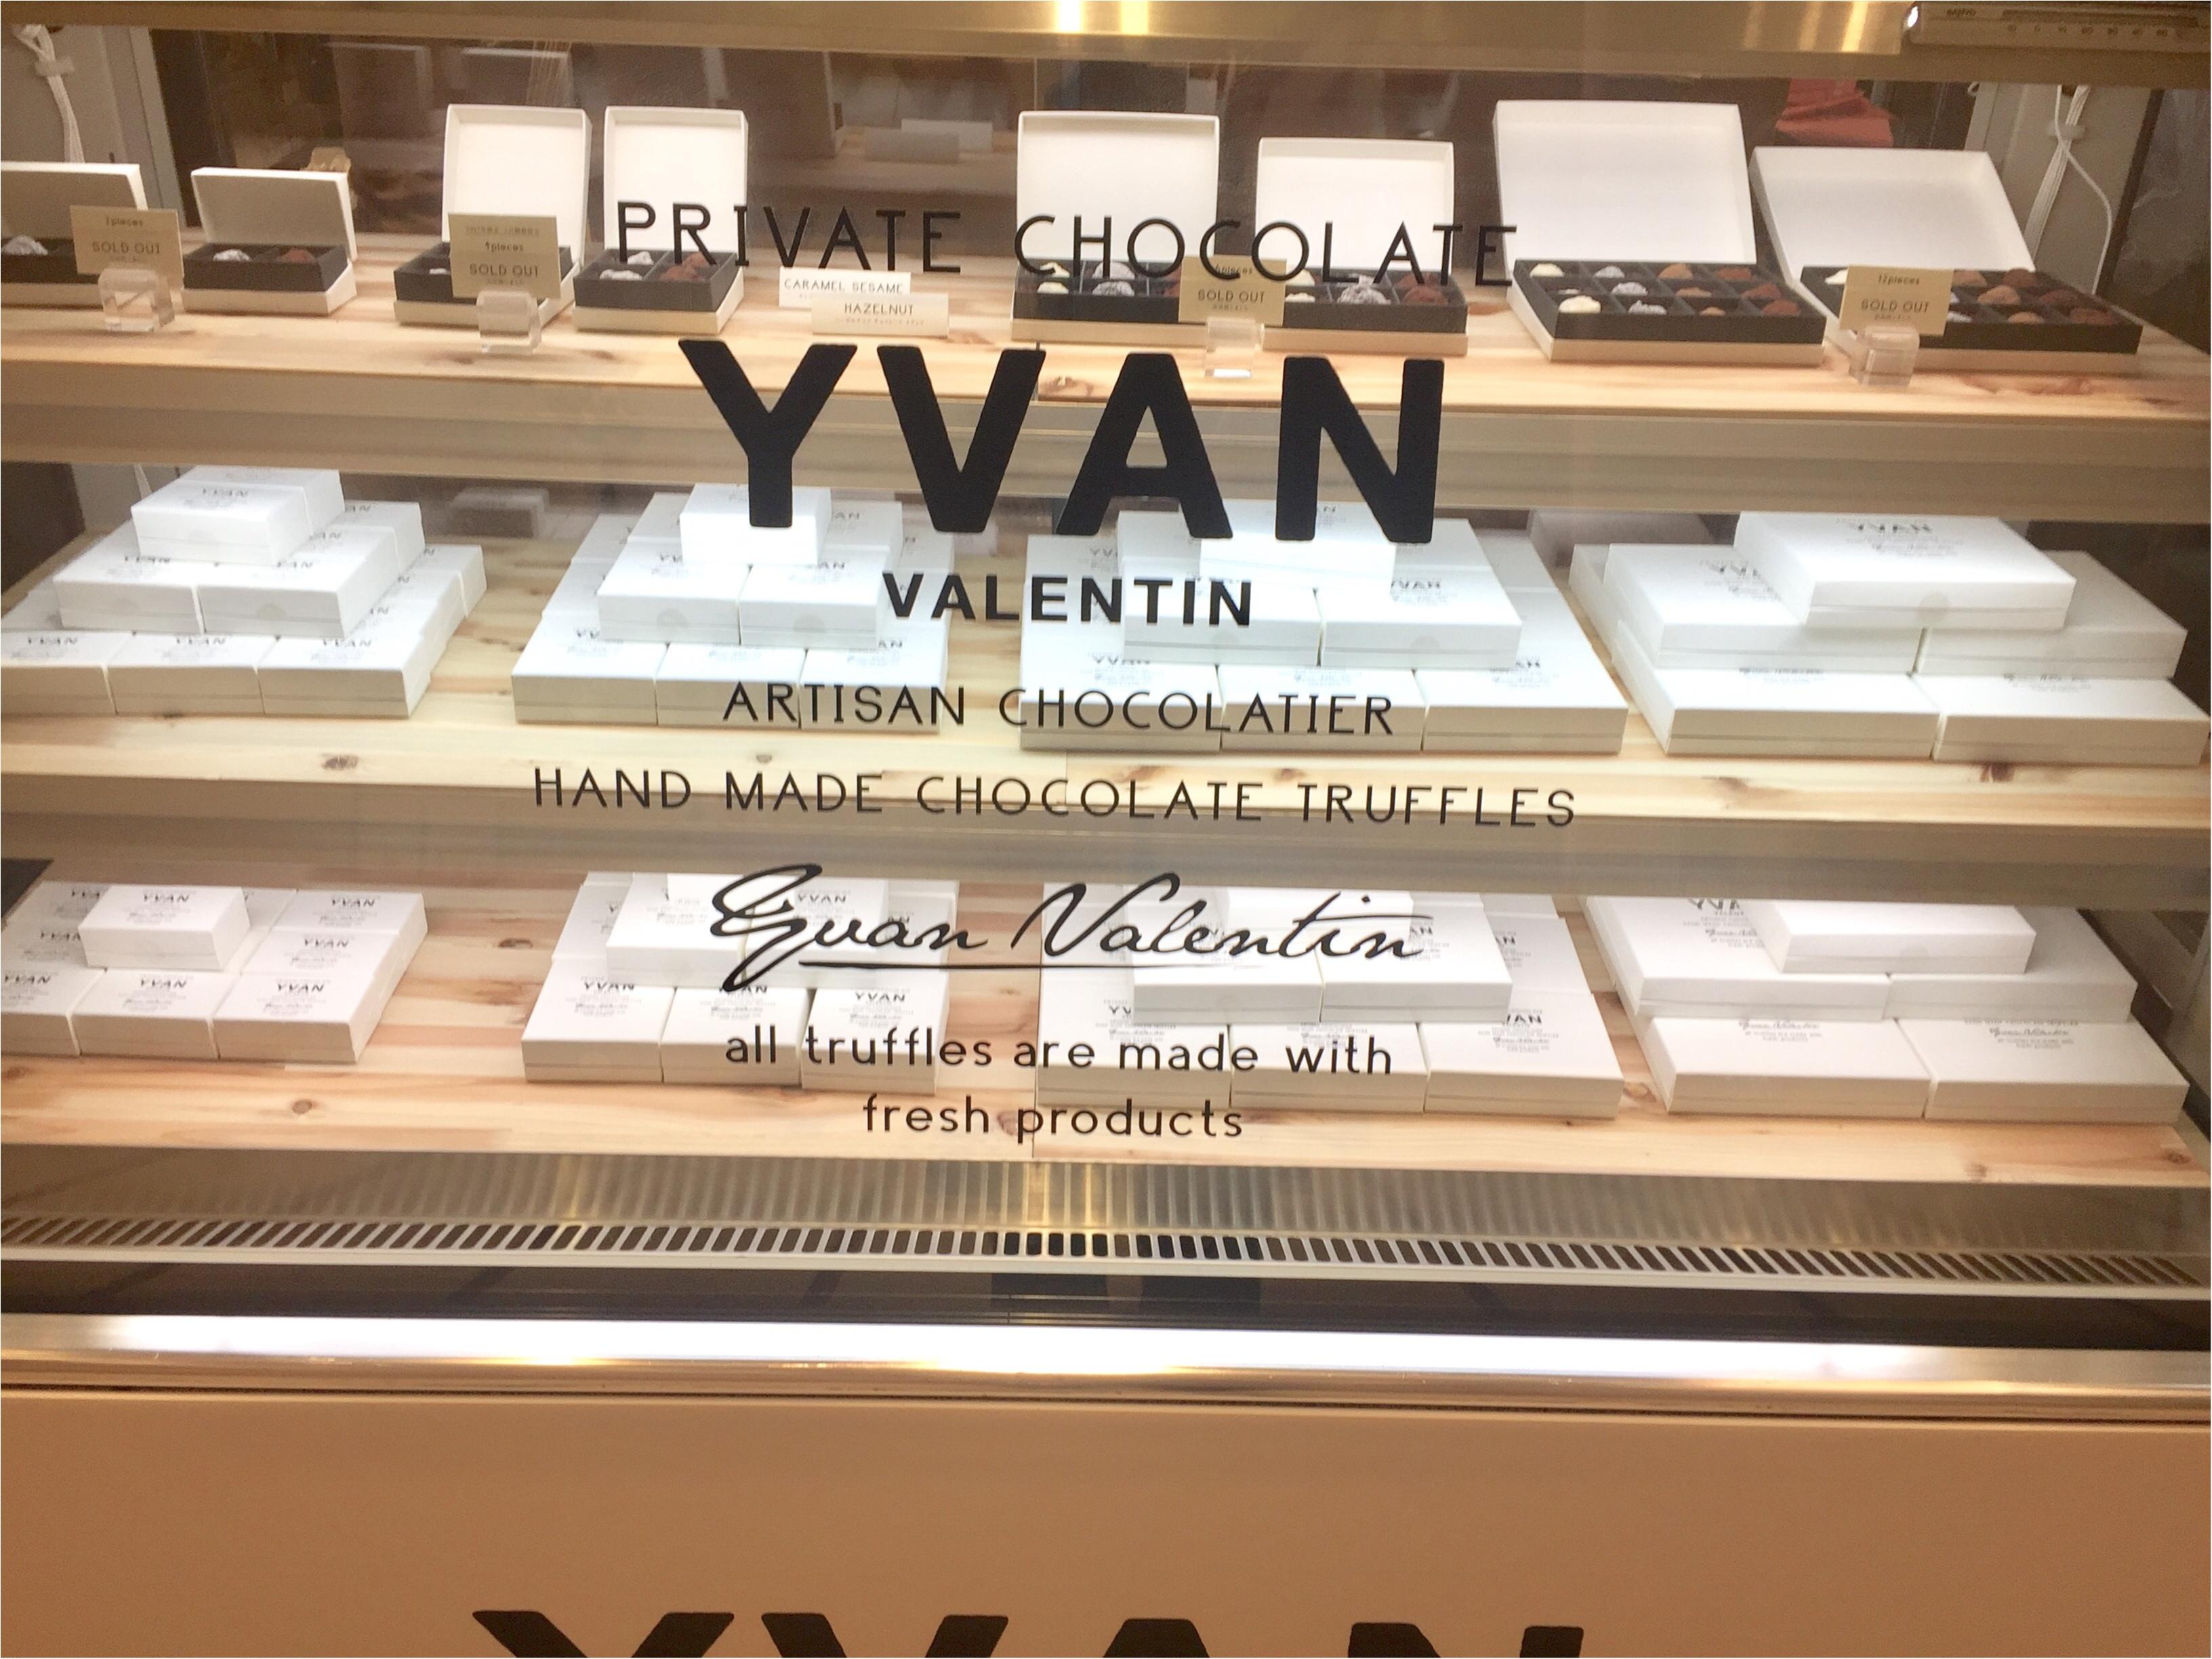 【FOOD】今年の本命チョコはこれ!知る人ぞ知る、幻のチョコレート♥︎「YVAN」_5